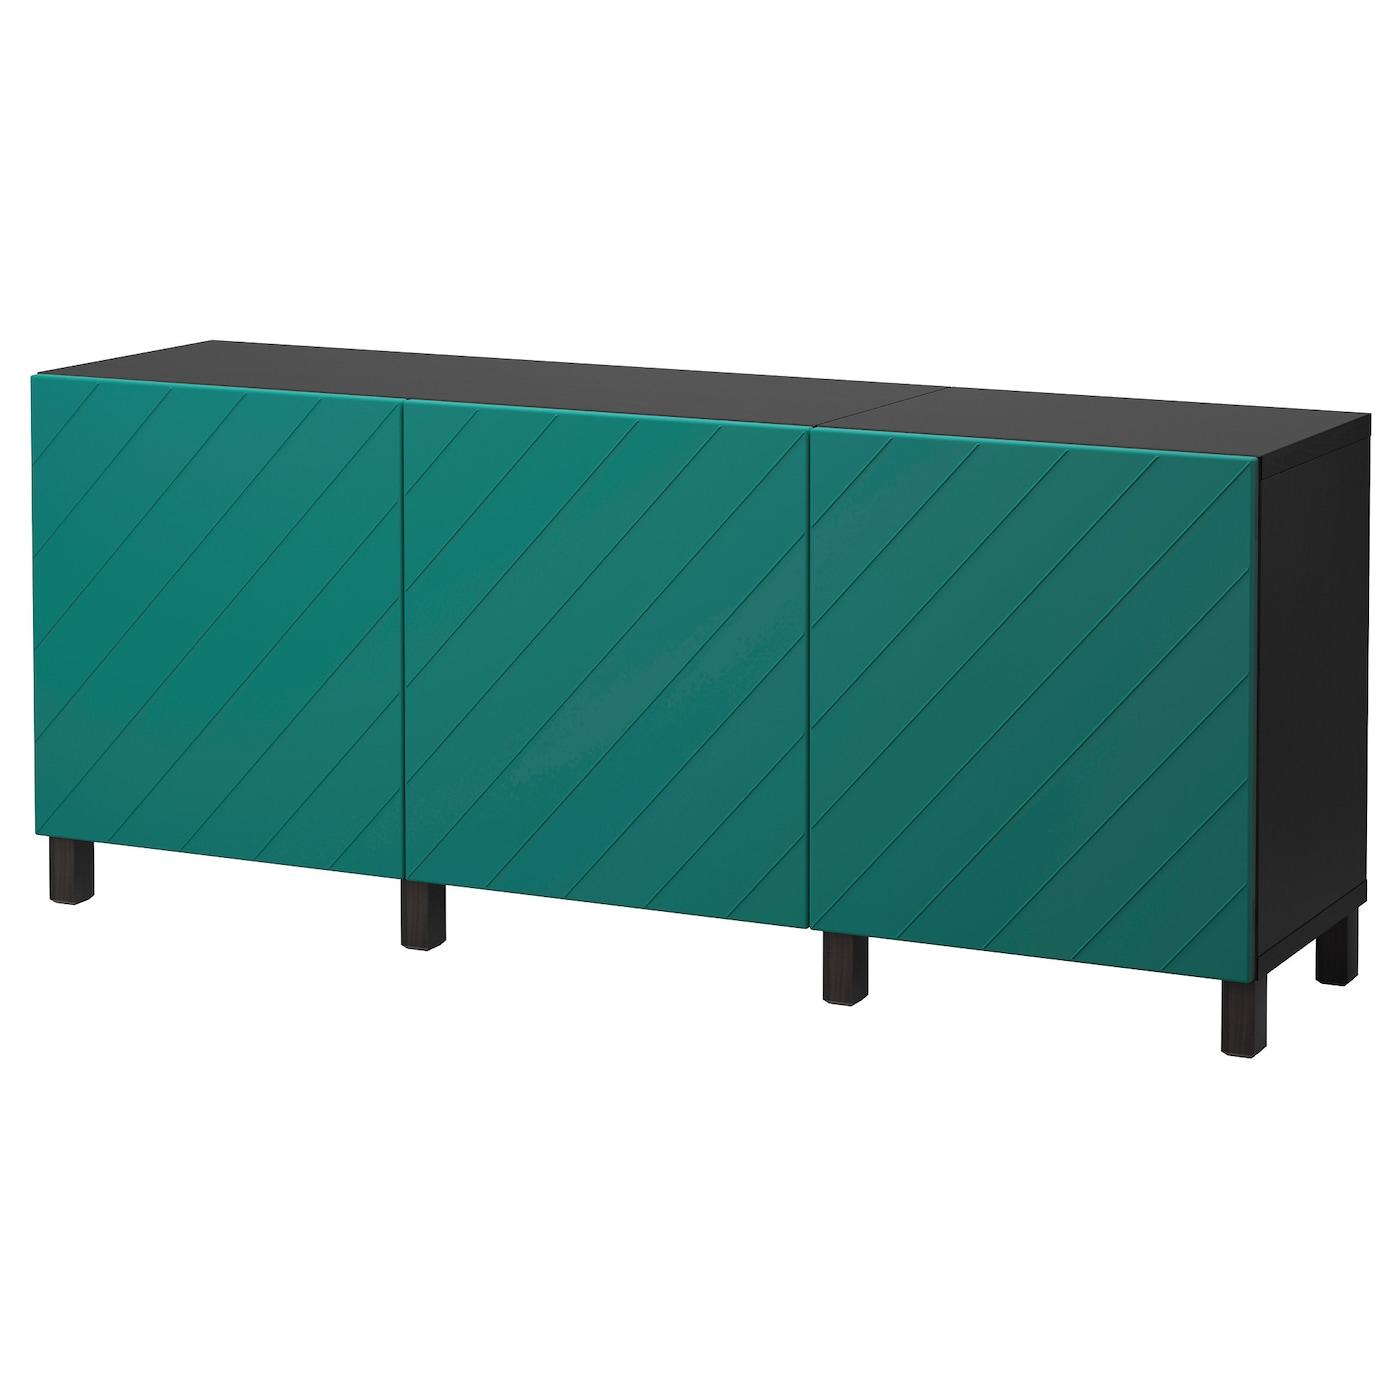 BESTÅ, Aufbewahrung mit Türen, schwarzbraun, blaugrün 192.059.78